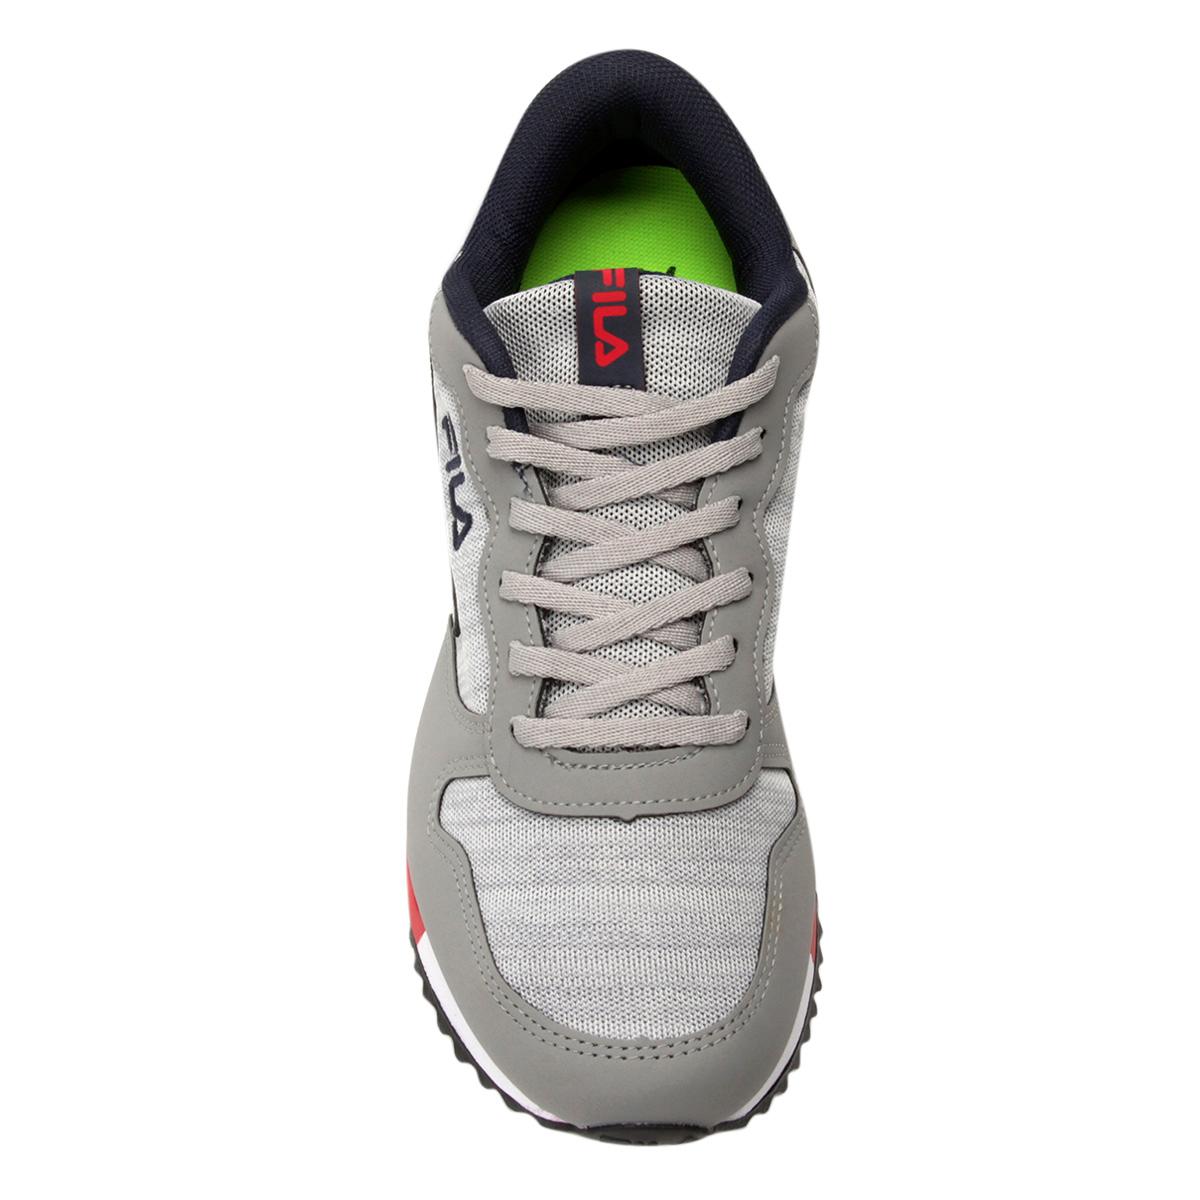 a6ec772a127 Tênis Fila Jogger Euro Sport Masculino Cinza e Vermelho - Compre ...